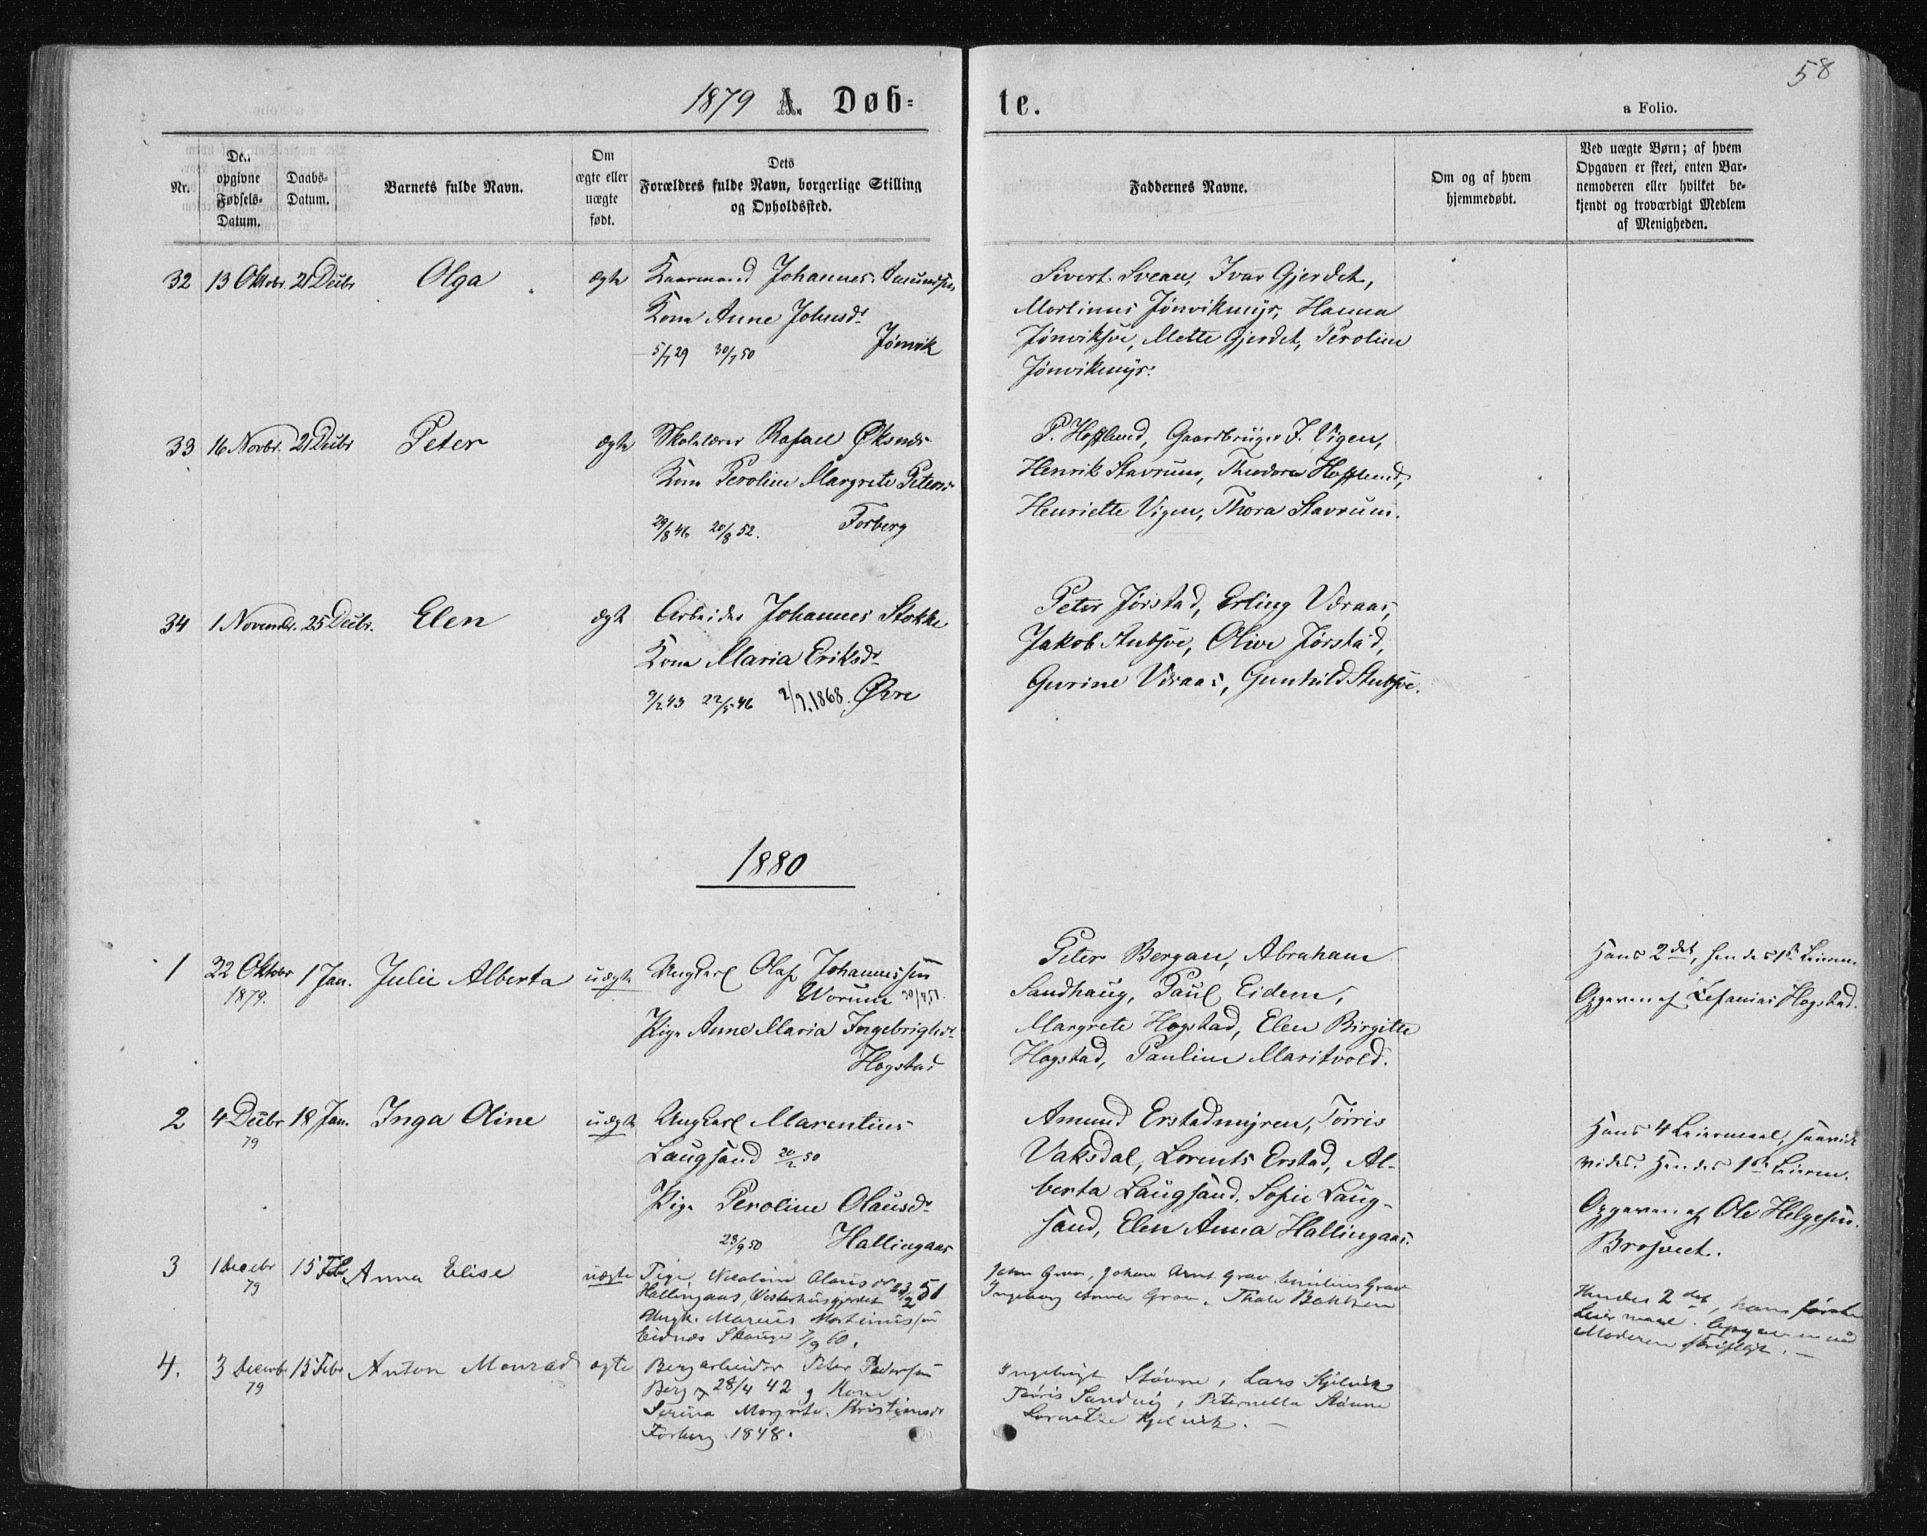 SAT, Ministerialprotokoller, klokkerbøker og fødselsregistre - Nord-Trøndelag, 722/L0219: Ministerialbok nr. 722A06, 1868-1880, s. 58